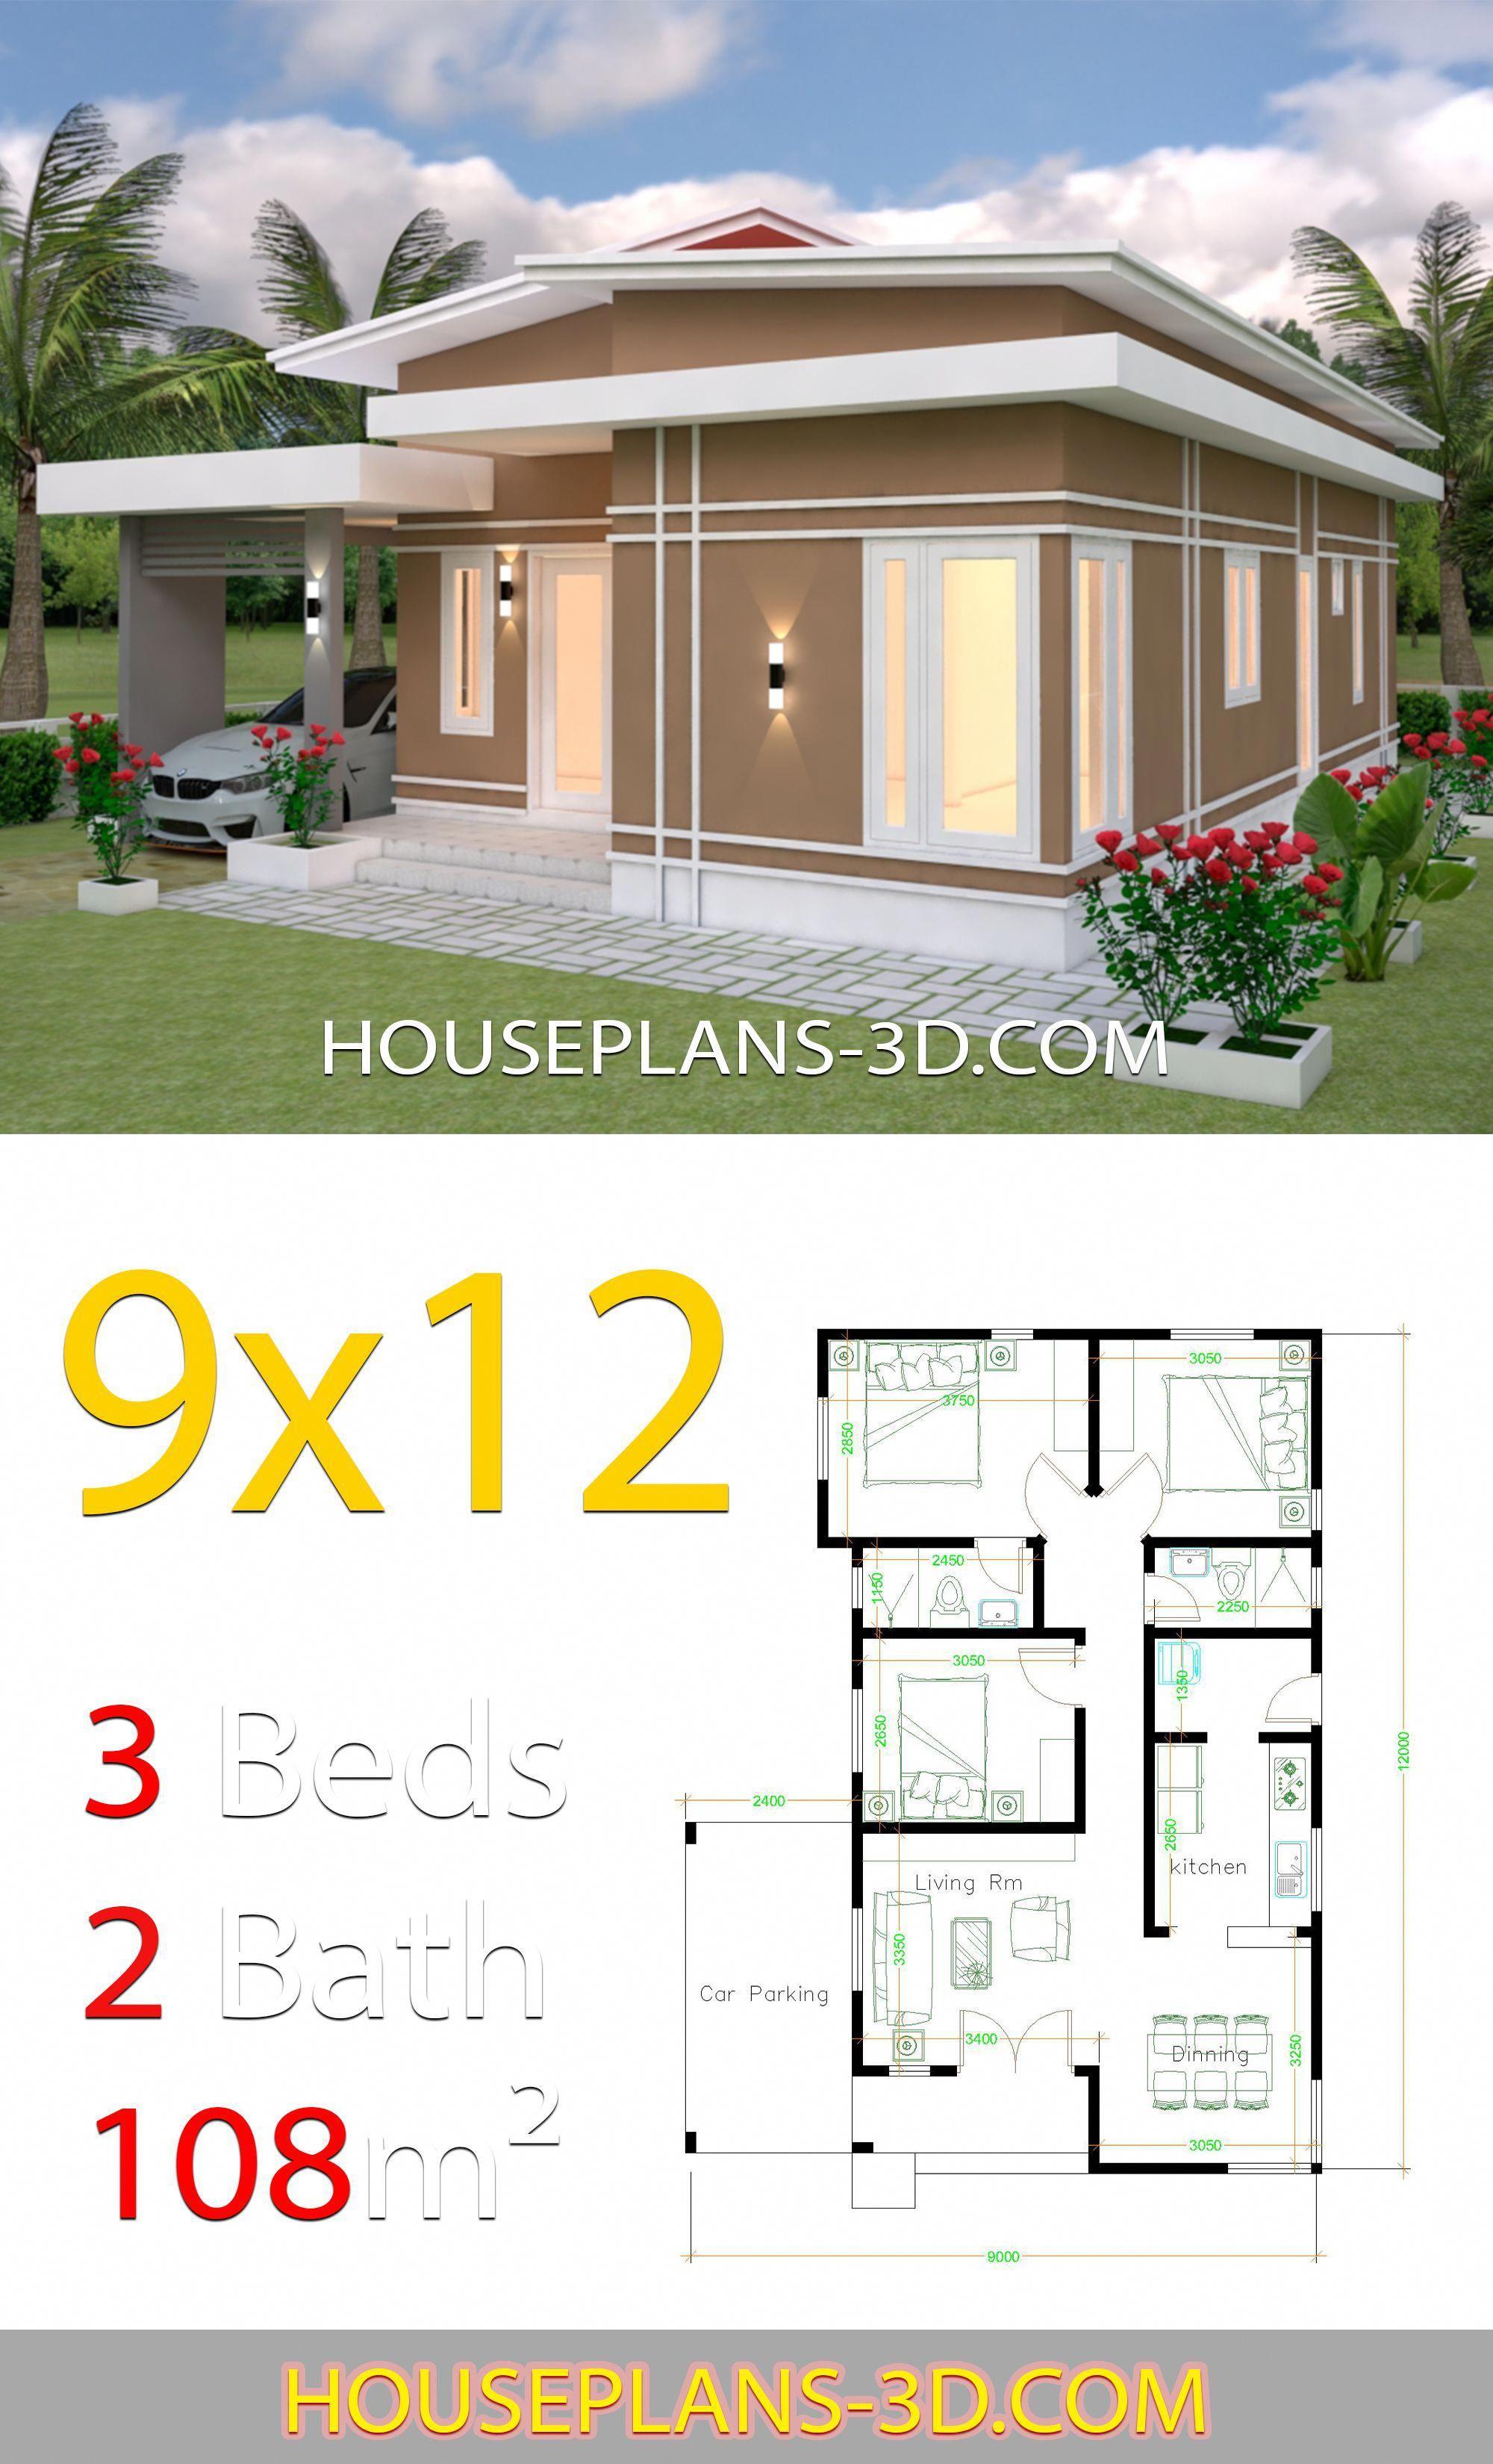 Dream Houses Pictures Dreamhouses Rumah Indah Denah Rumah Arsitektur